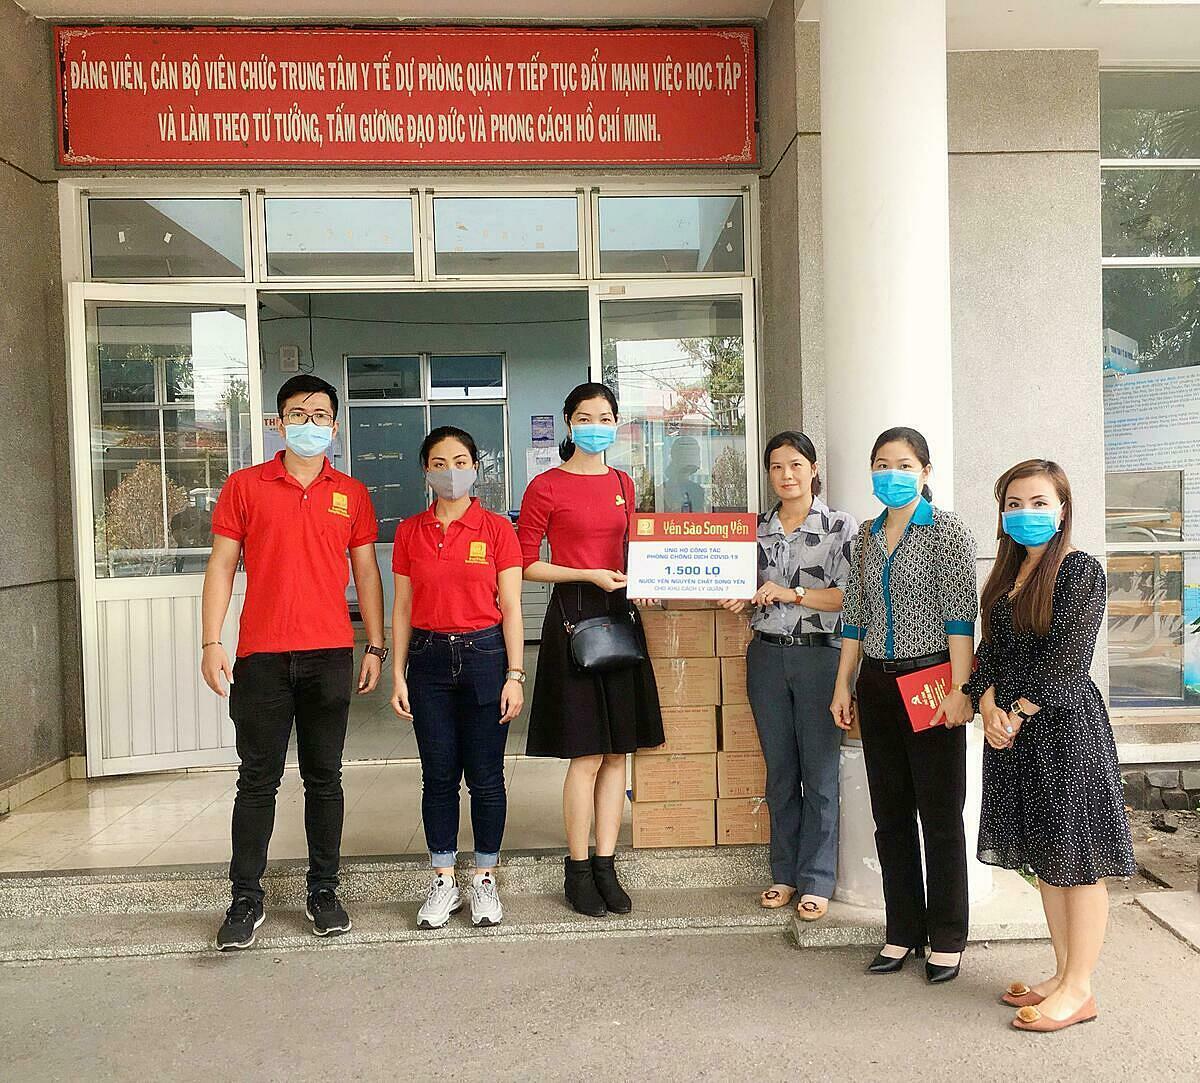 Những lọ nước yến Song Yến được trao tặng tay đội ngũ y bác sĩ tại khu cách ly quận 7, TP HCM.